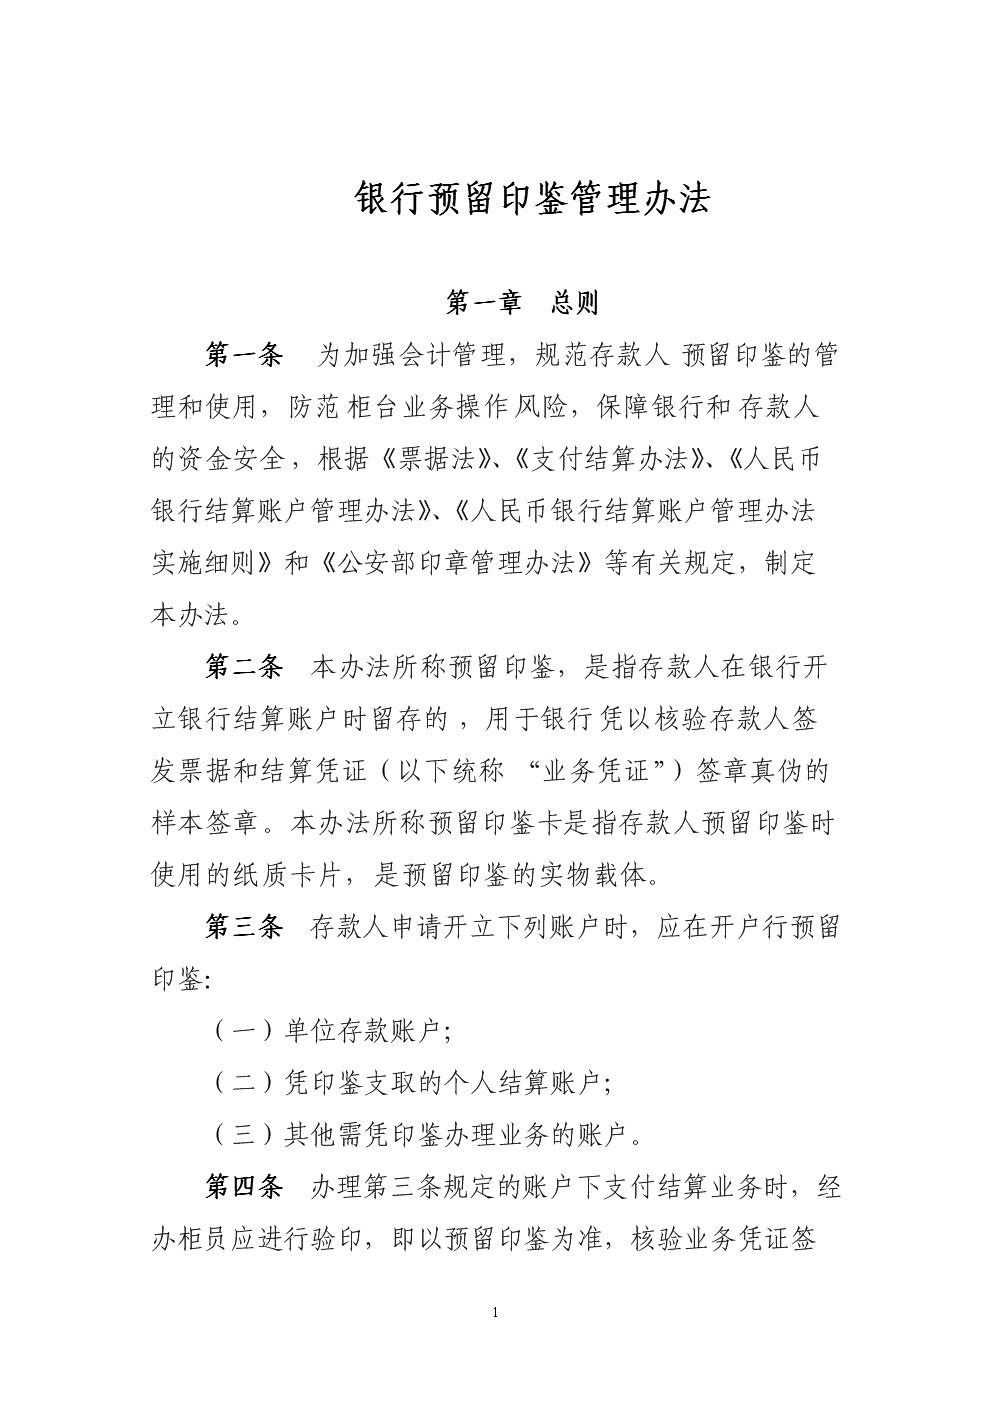 银行预留印鉴管理办法模版.doc